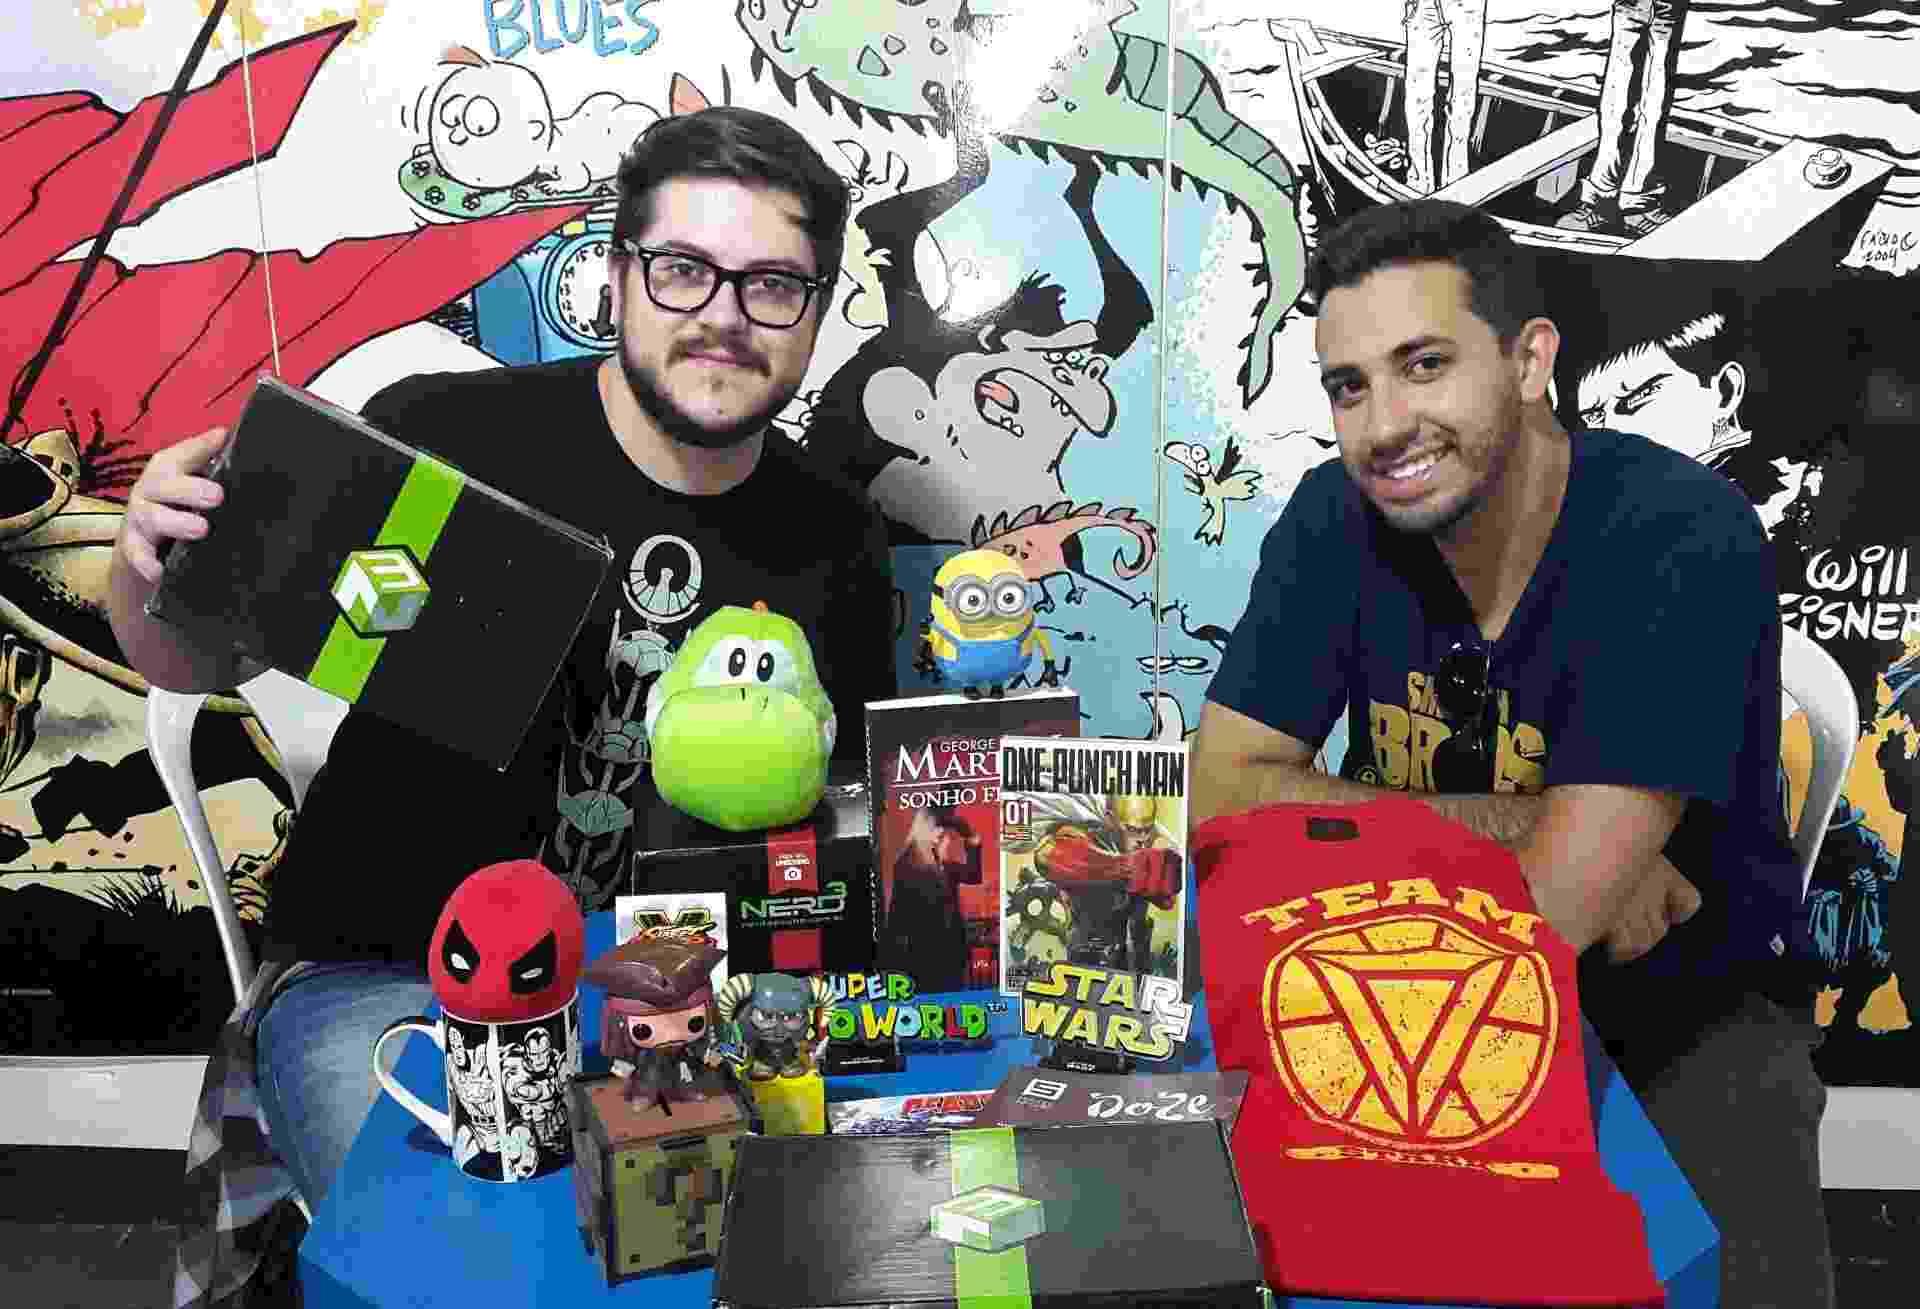 Os empresários Diogo Santos e Raul Calheha (foto) do site Nerd ao Cubo - Divulgação